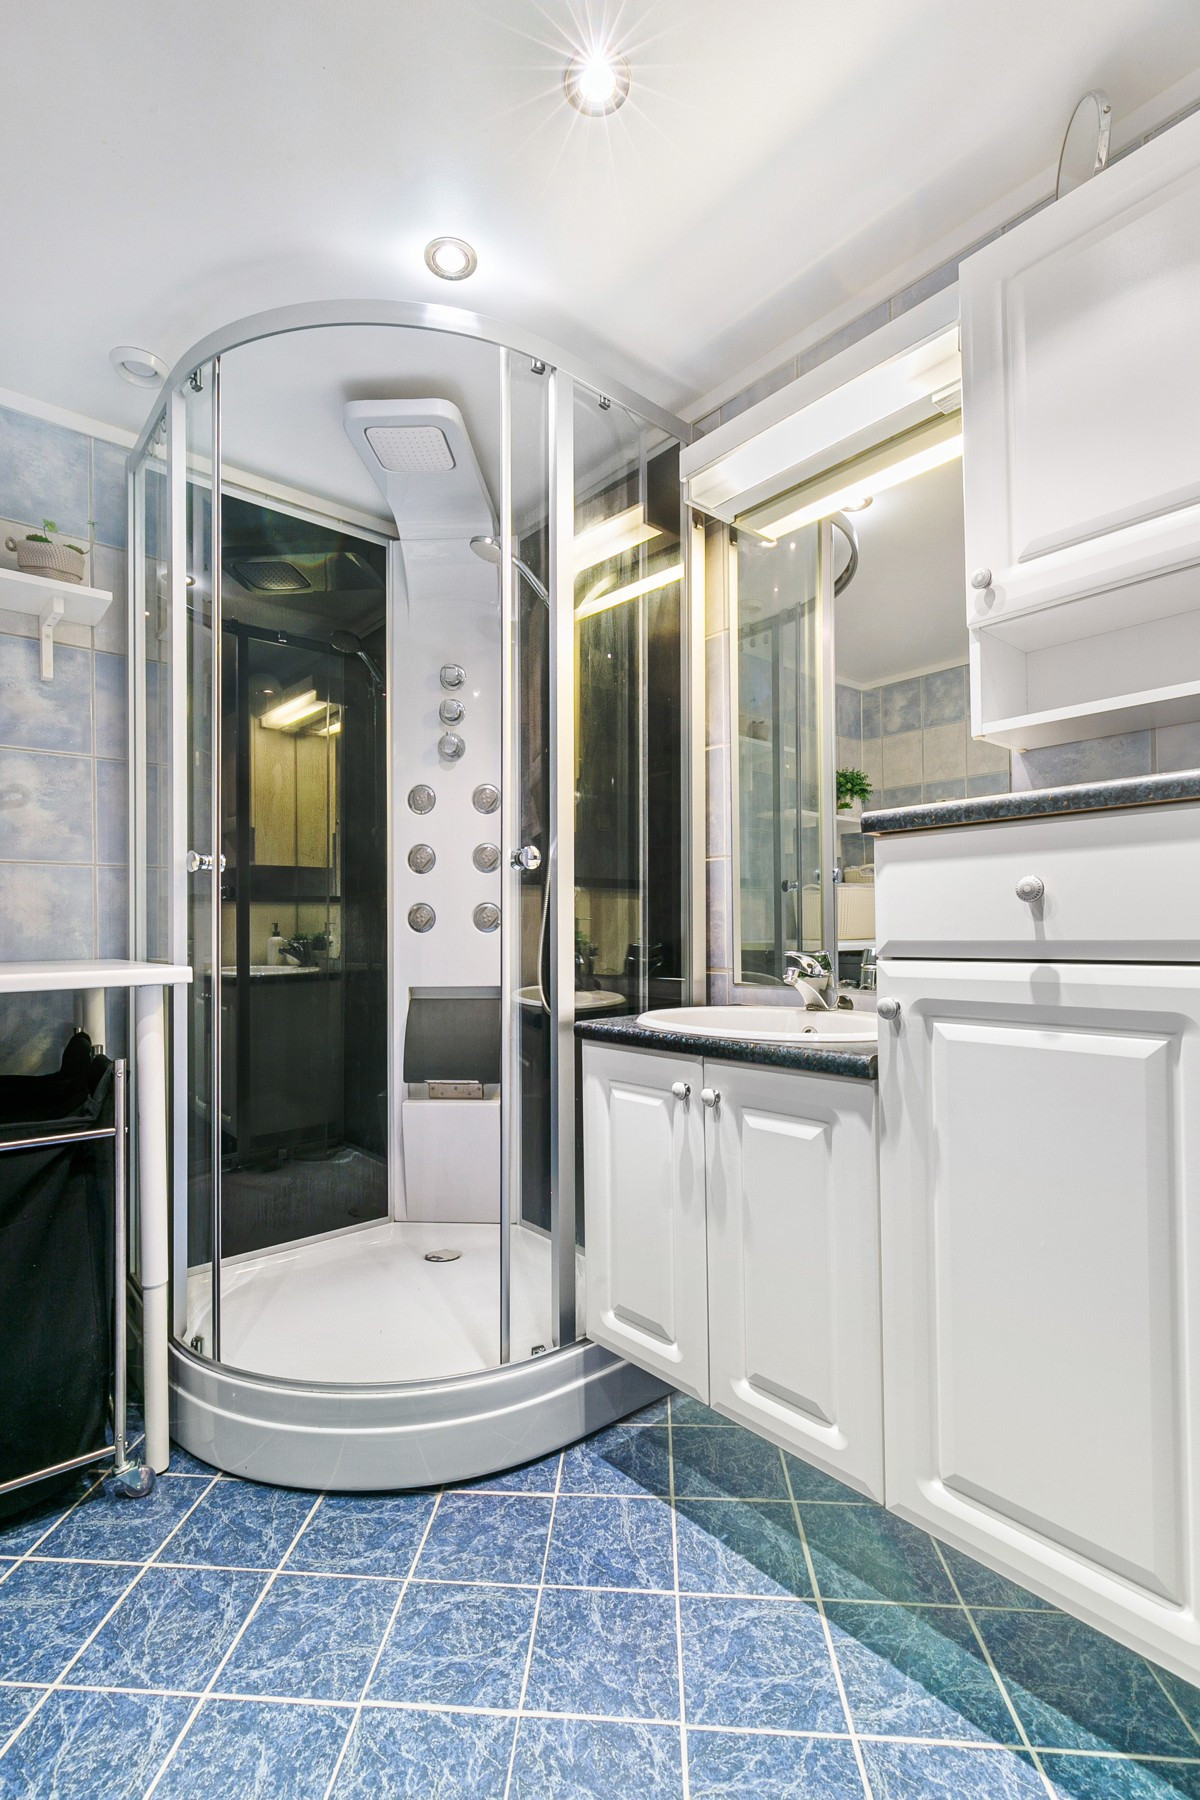 Stor baderomsinnredning og stort dusjkabinett på baderom